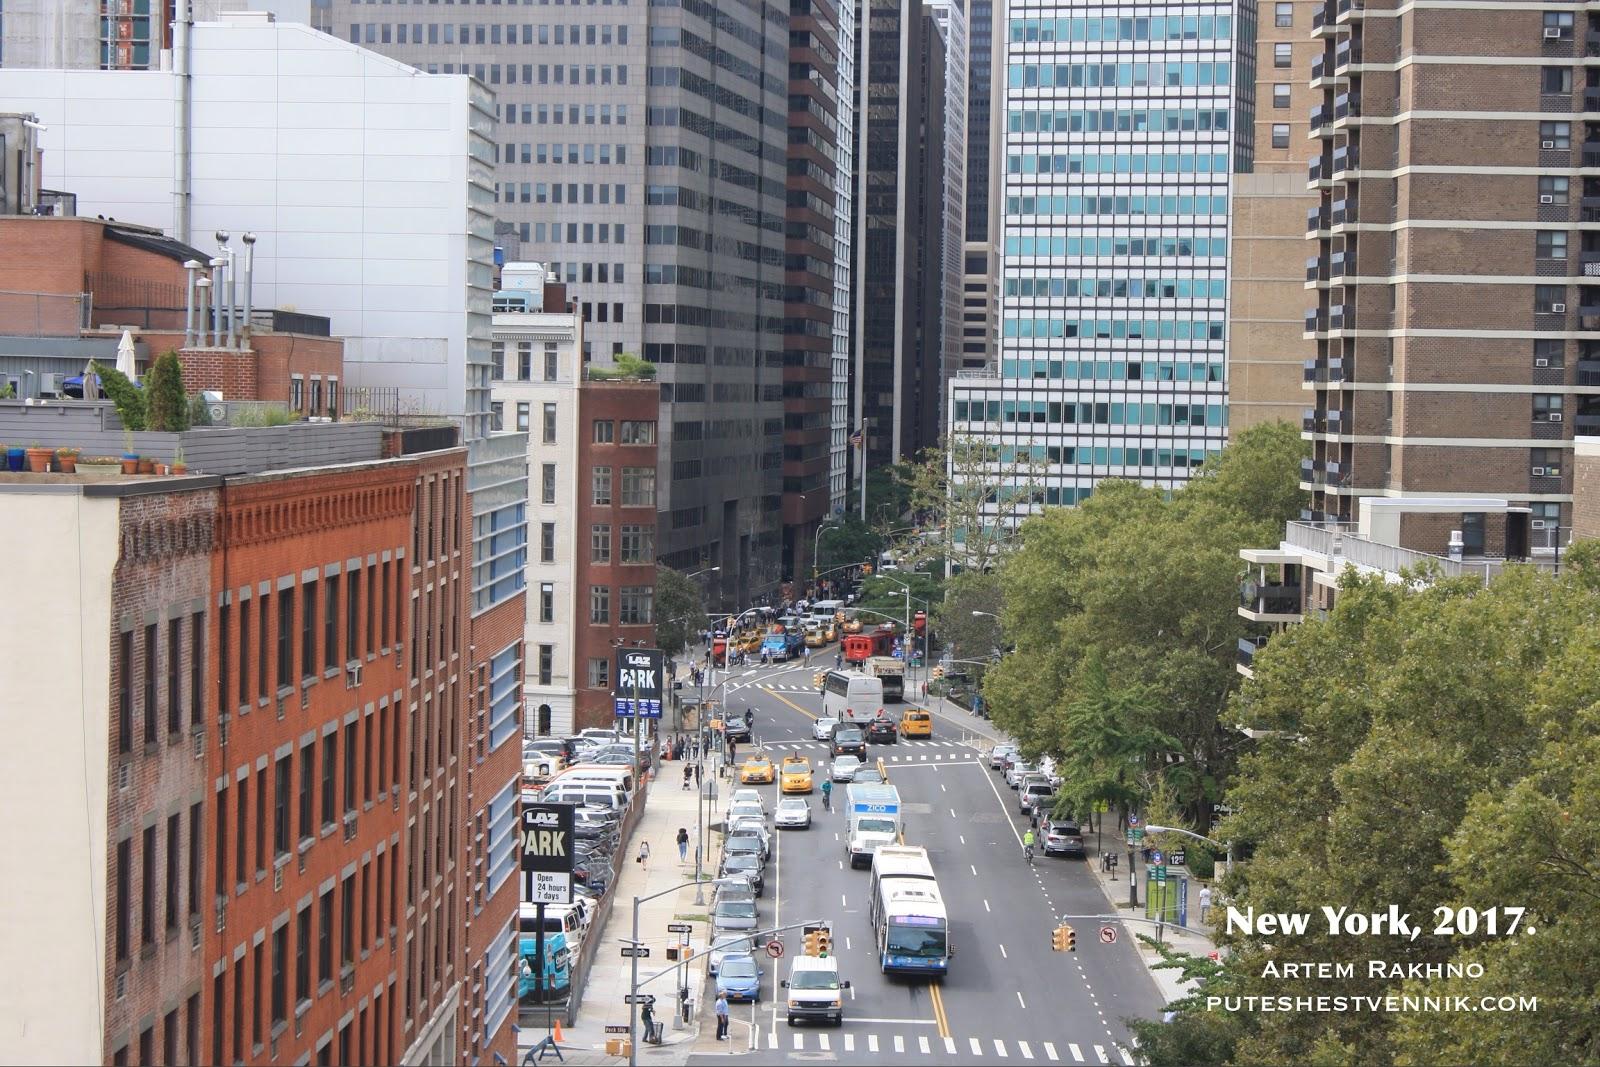 Вид на улицу с Бруклинского моста